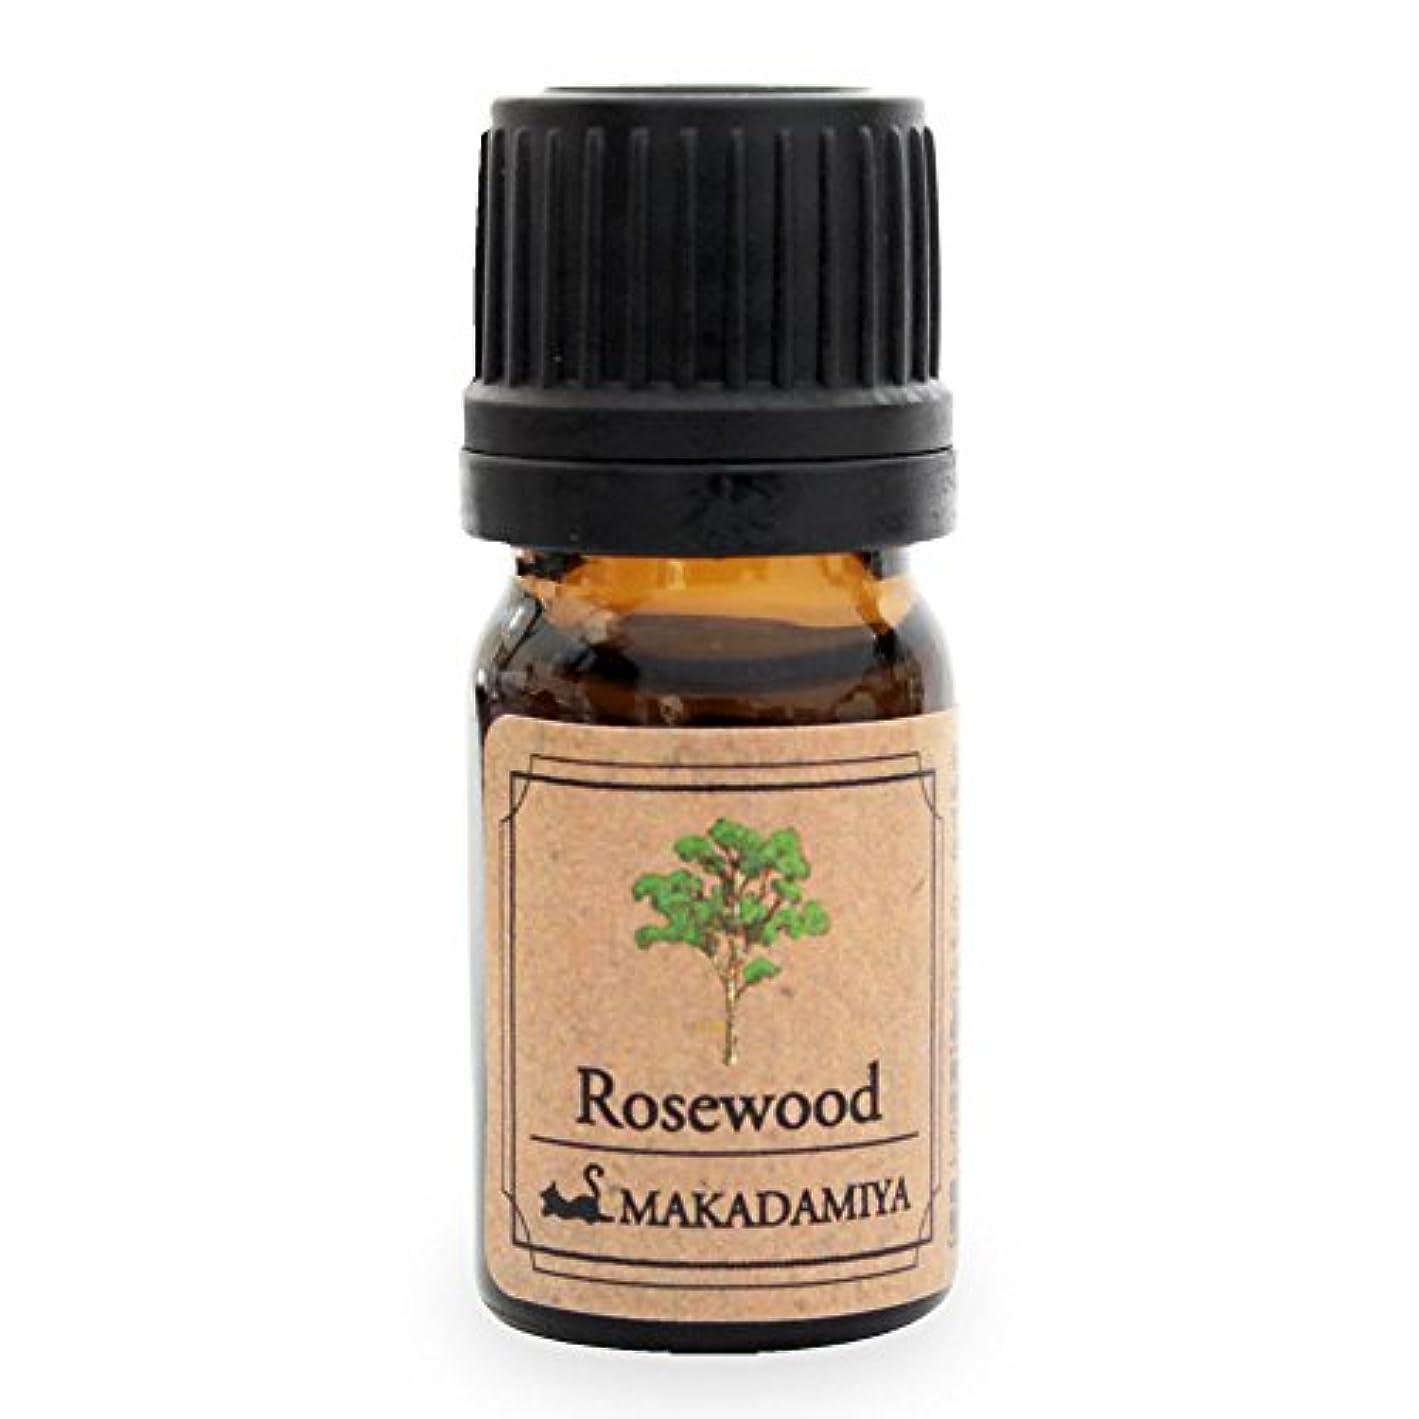 ビタミンドライバ機械的ローズウッド5ml 天然100%植物性 エッセンシャルオイル(精油) アロマオイル アロママッサージ aroma Rosewood